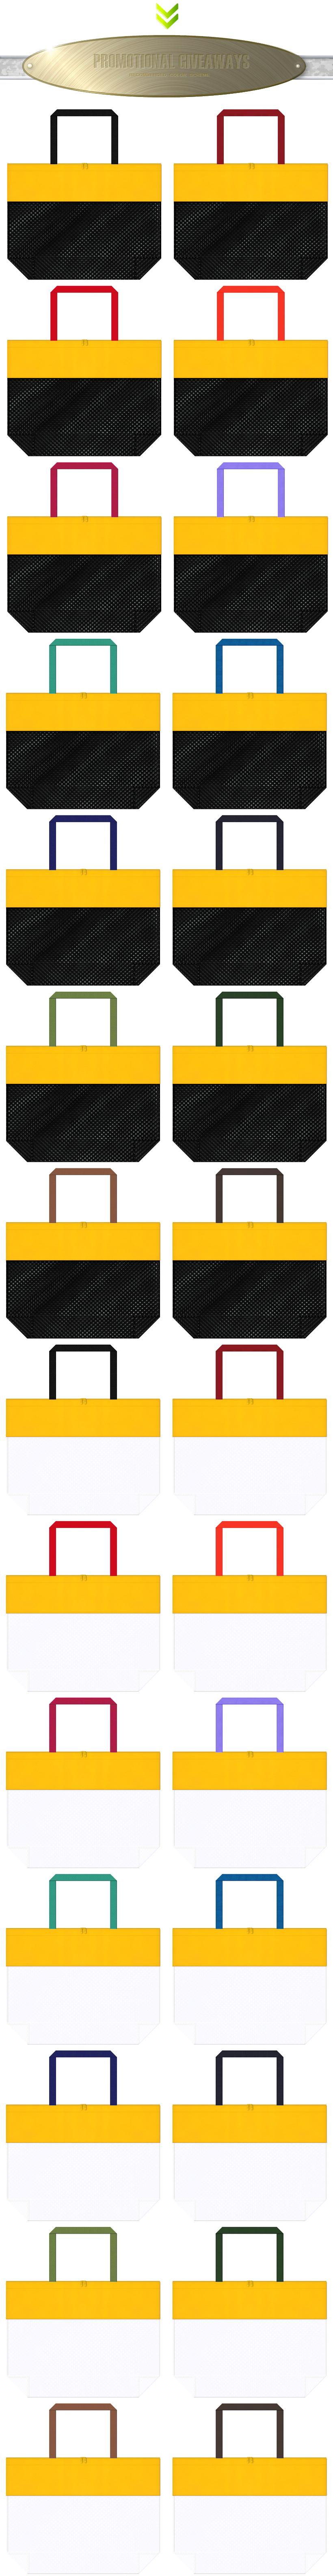 黒色メッシュ・白色メッシュと黄色の不織布をメインに使用した、台形型メッシュバッグのカラーシミュレーション